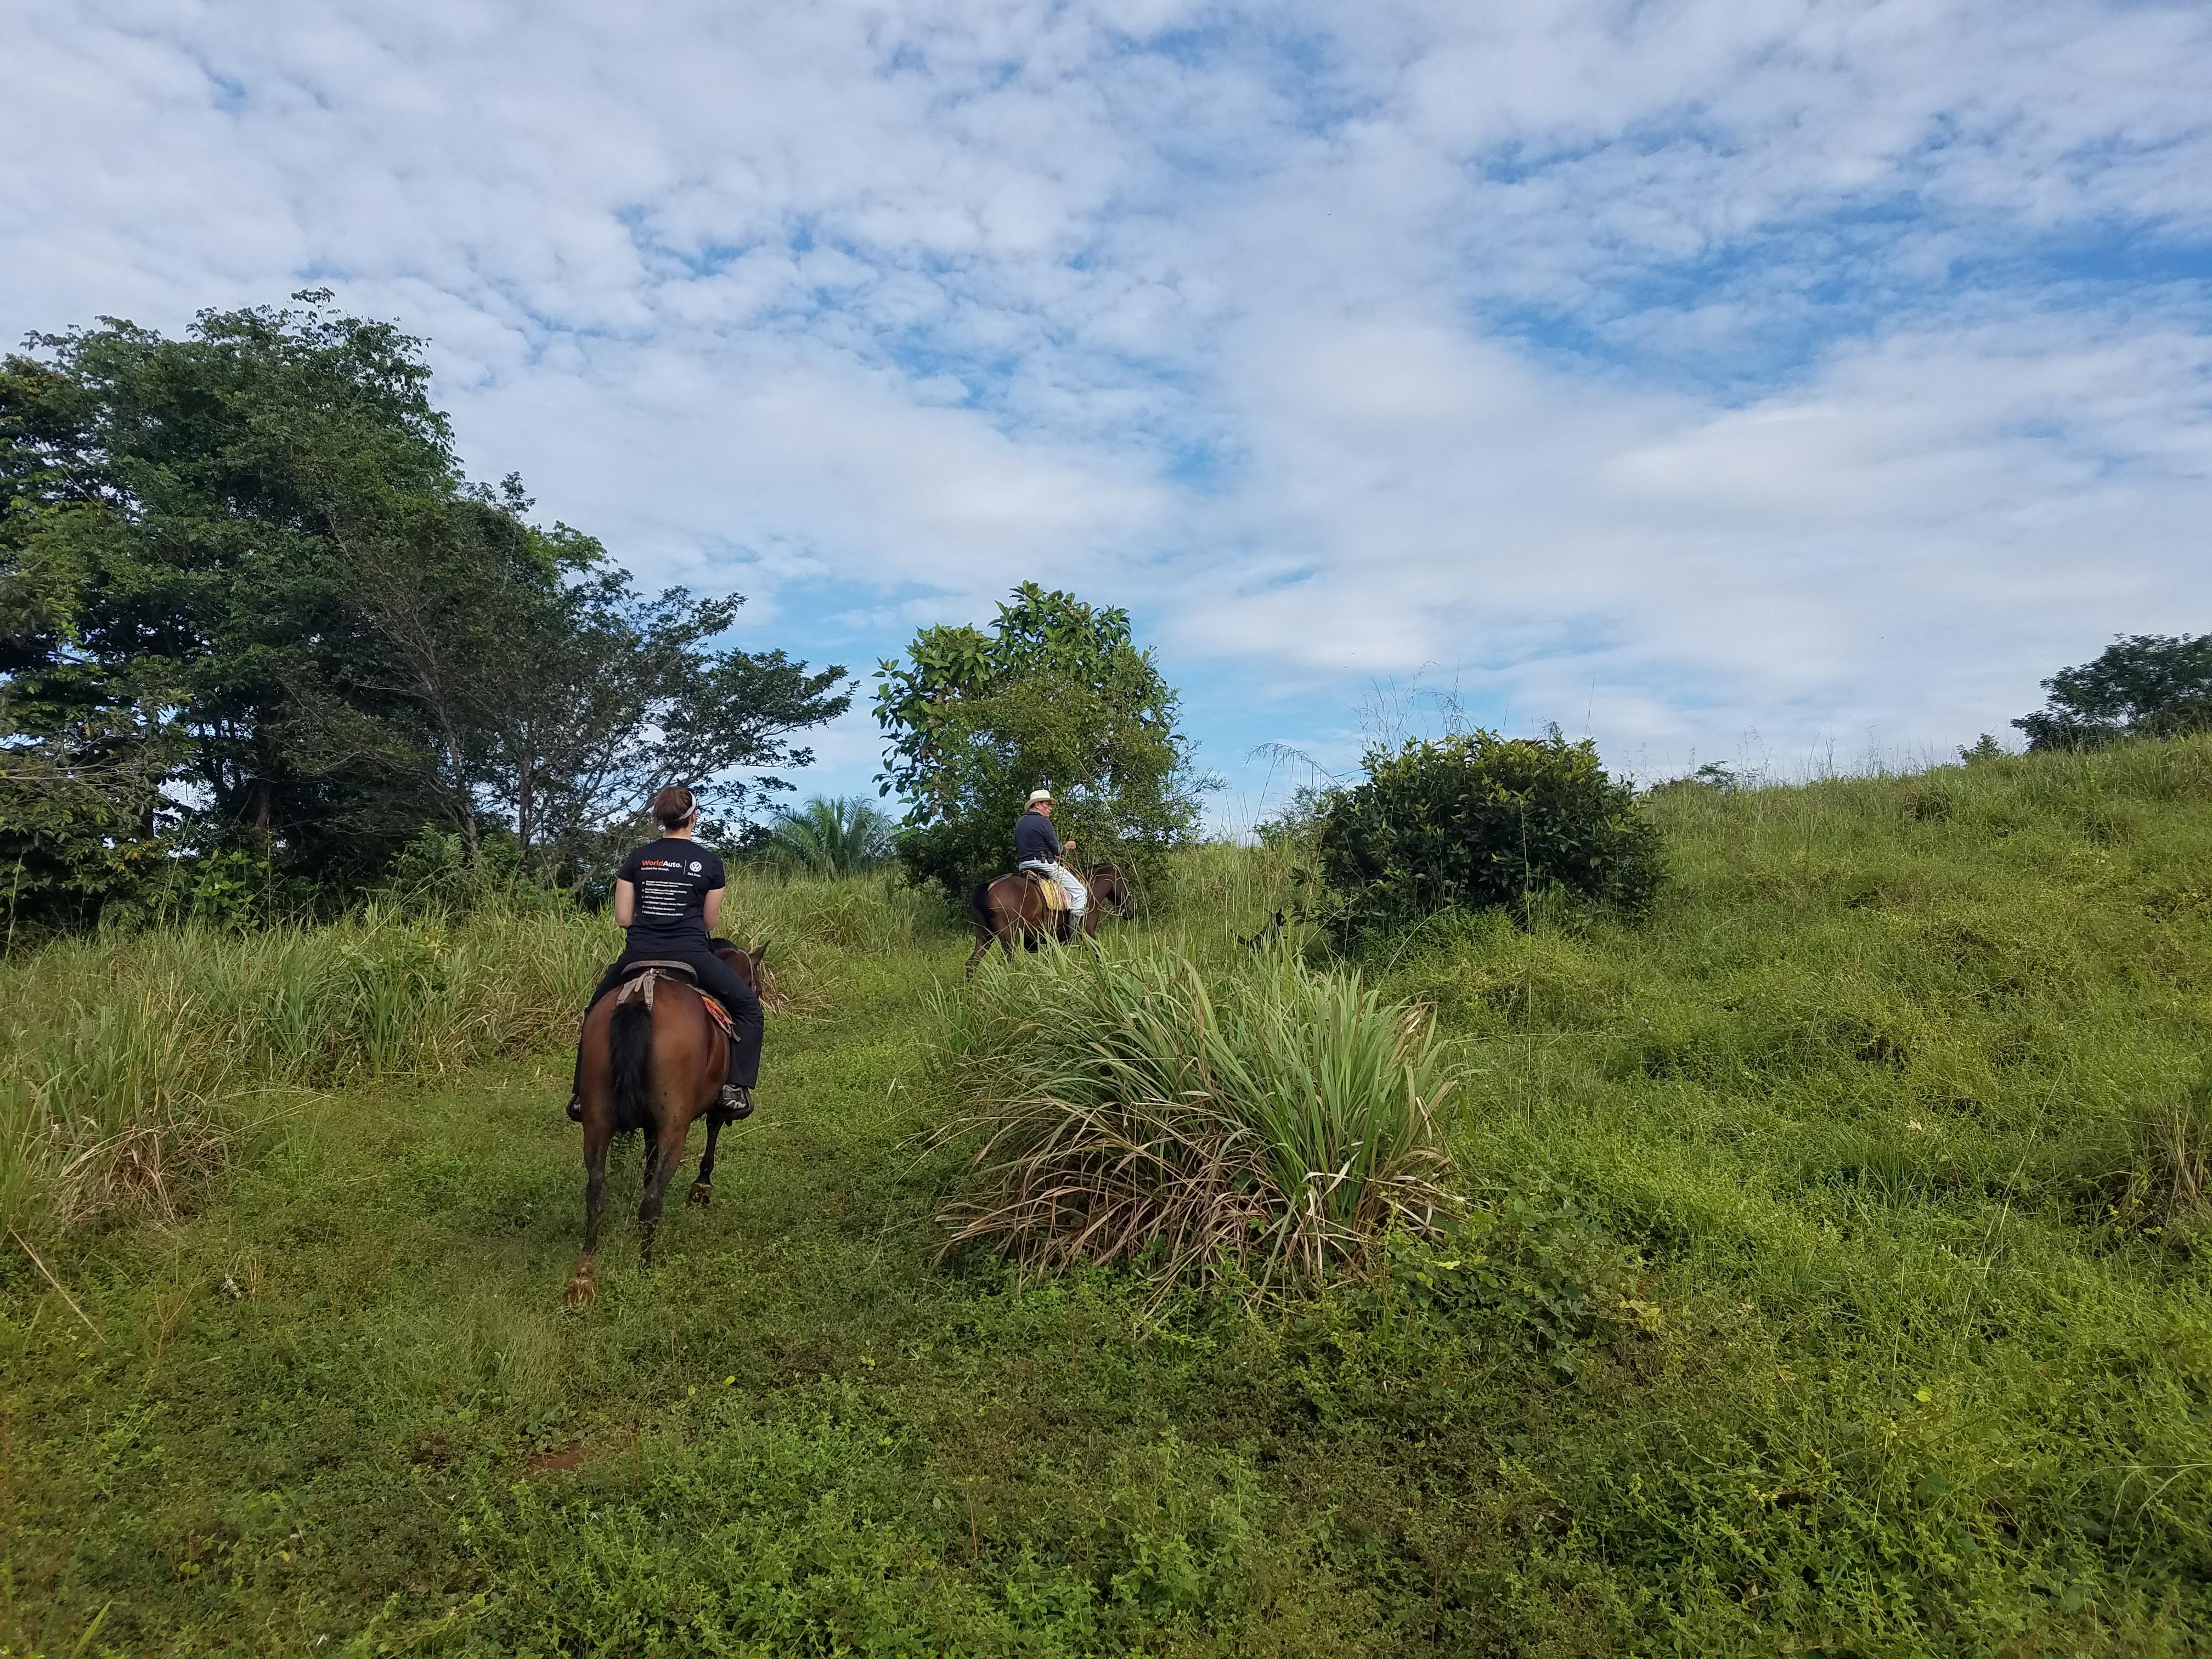 CostaRica_horsebackriding_2.jpg